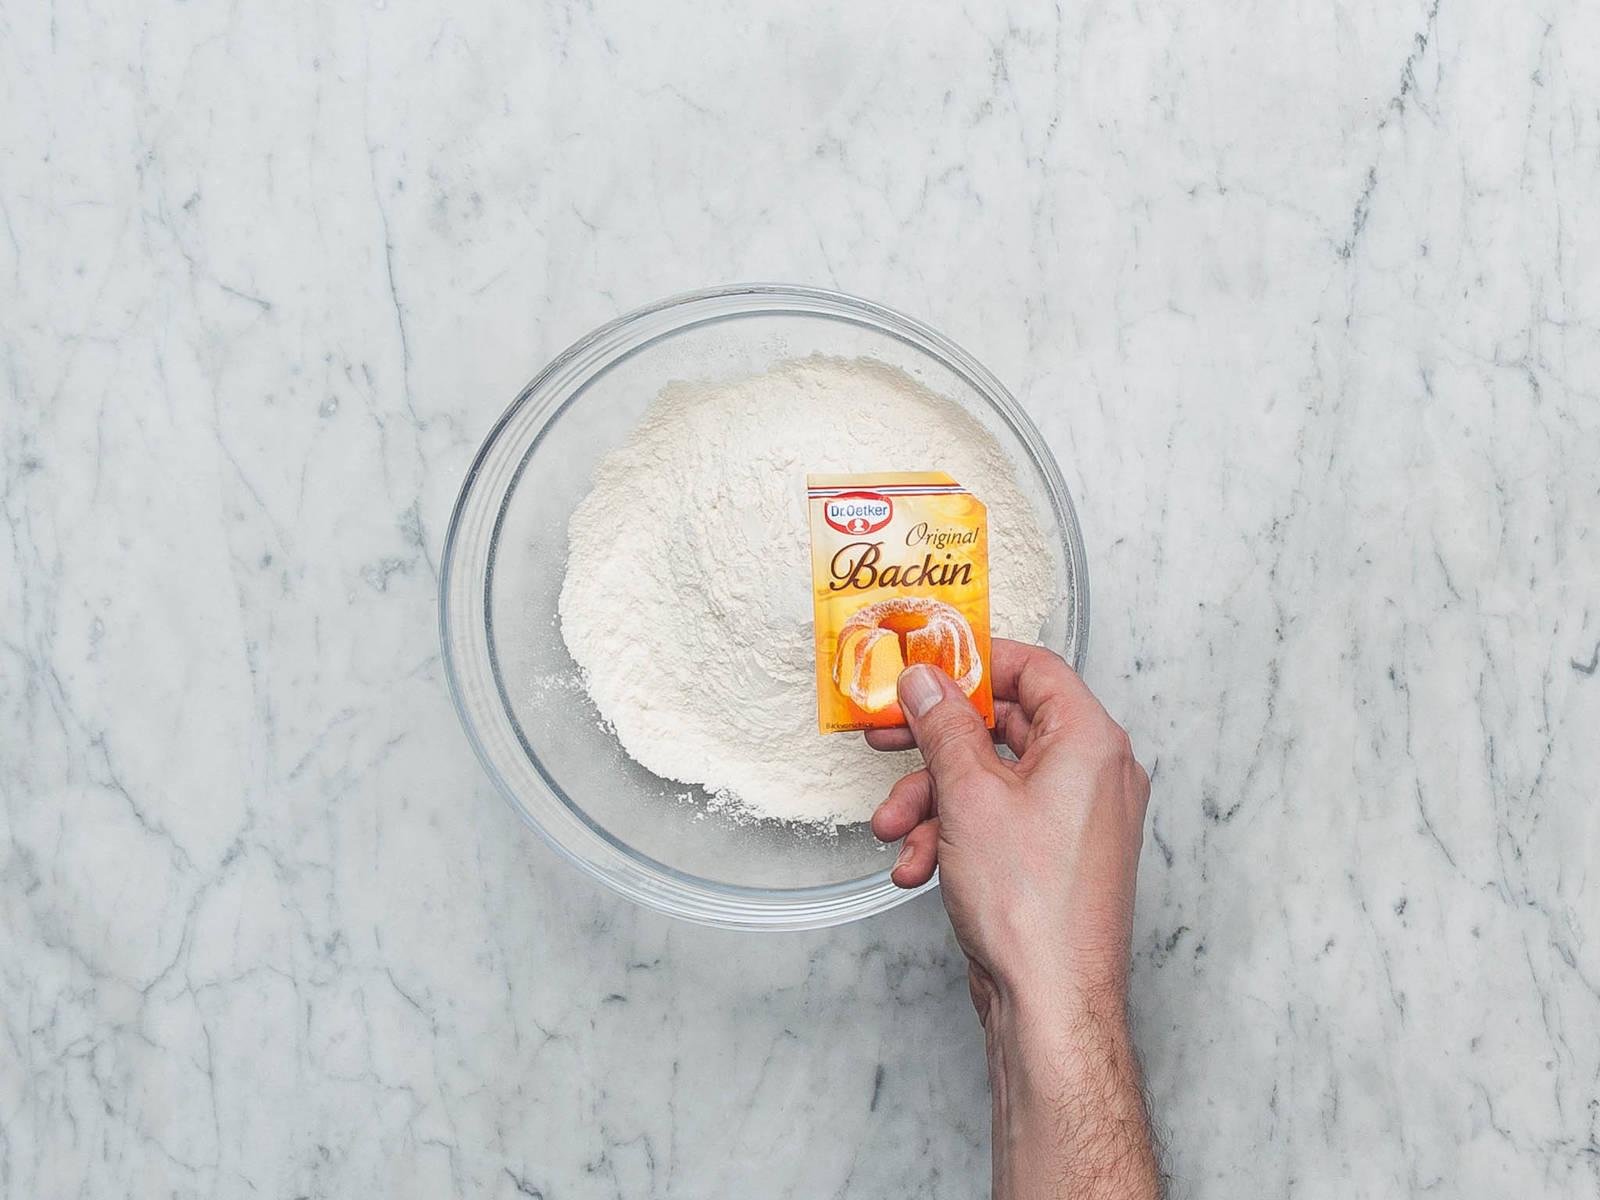 将烤箱预热至180℃。润滑蛋糕盘,撒上些许面粉。若不是脱底烤盘,则在底上铺上烘焙纸。将整个柠檬皮擦碎,半个柠檬榨汁。将柠檬皮碎放在一边。在一个中碗中,混合面粉、泡打粉和盐。在小碗中将牛奶和柠檬汁搅拌混合。